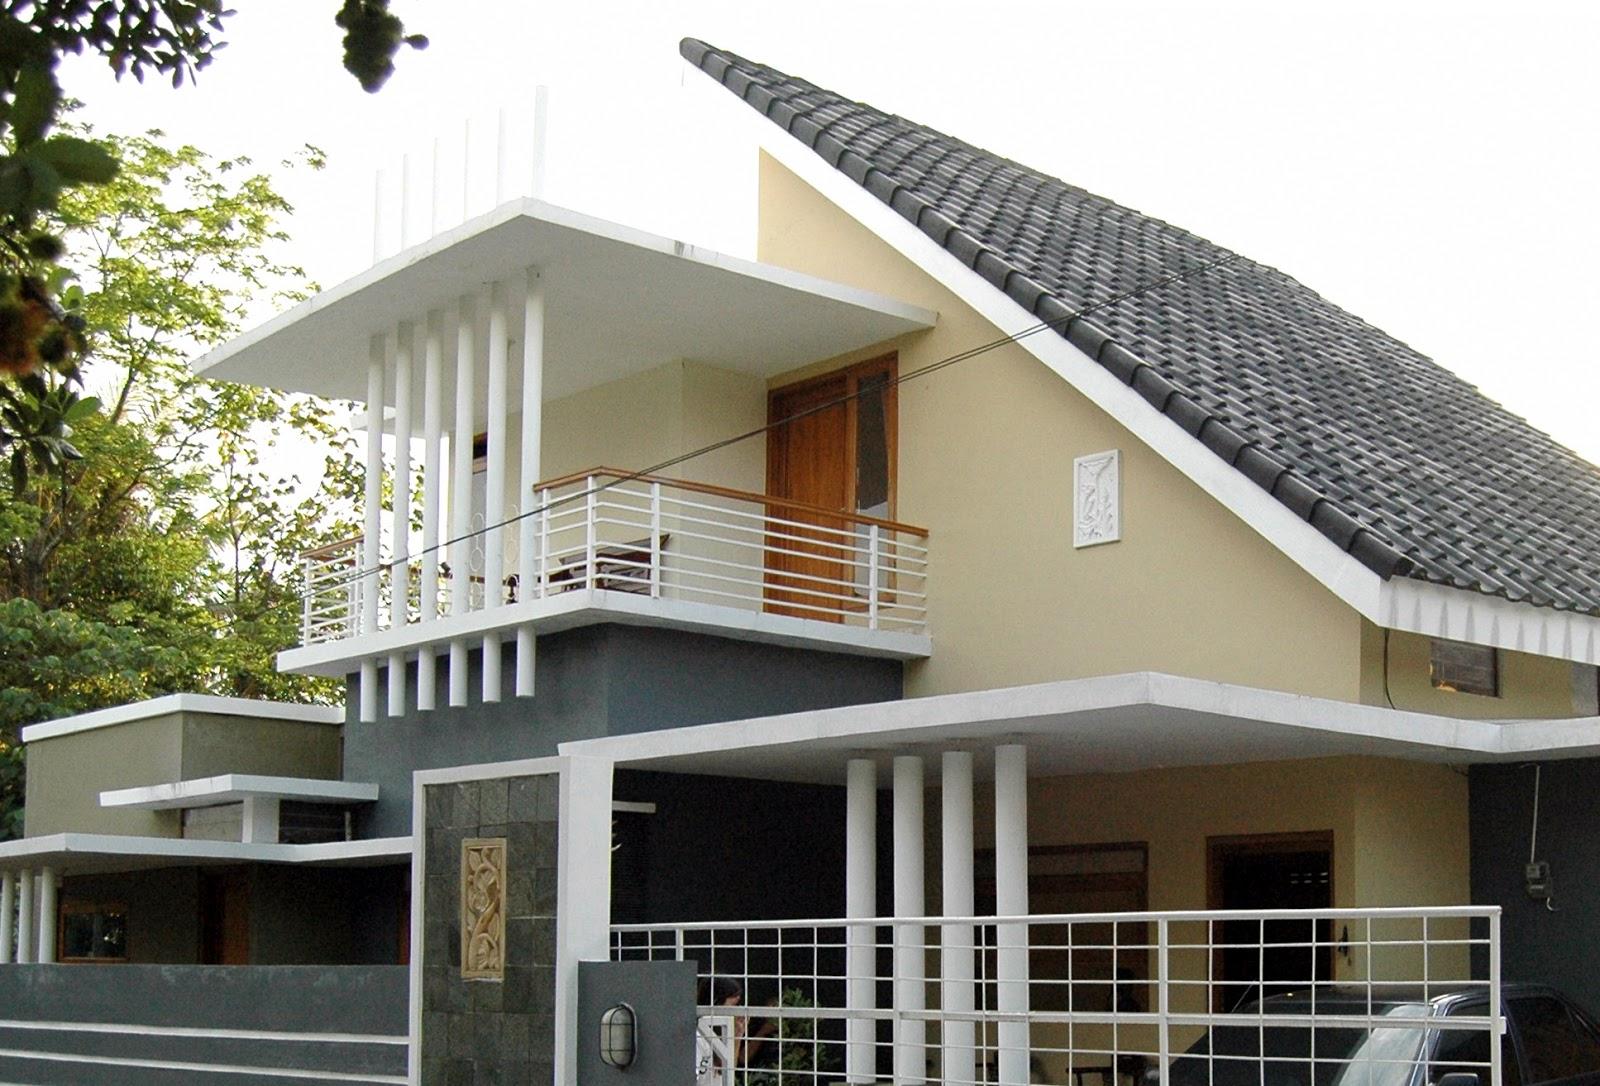 Gambar Rumah Minimalis 2 Lantai Atap Miring Desain Rumah Minimalis